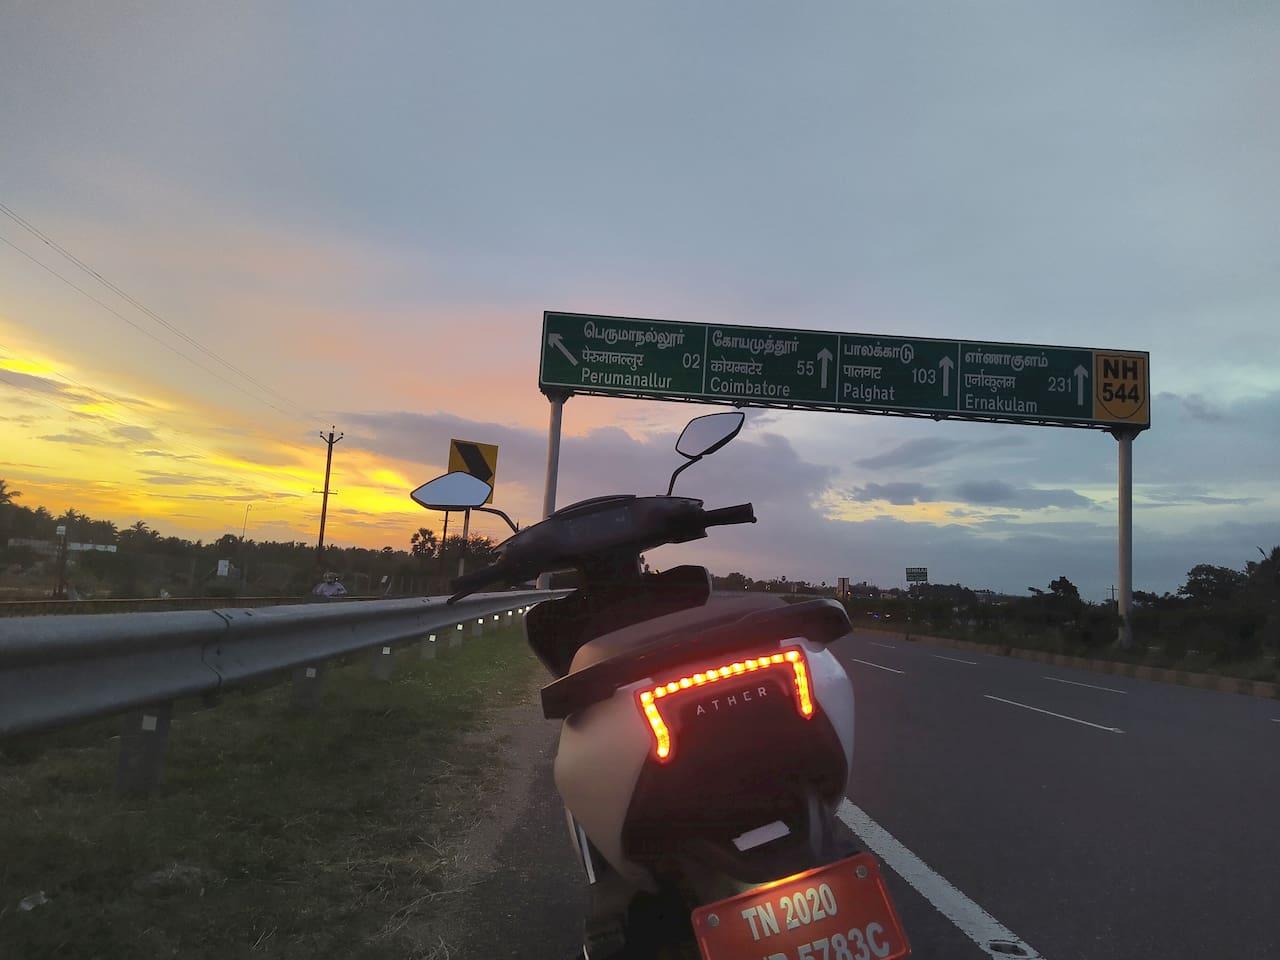 Ather 450 Coimbatore Tirupur